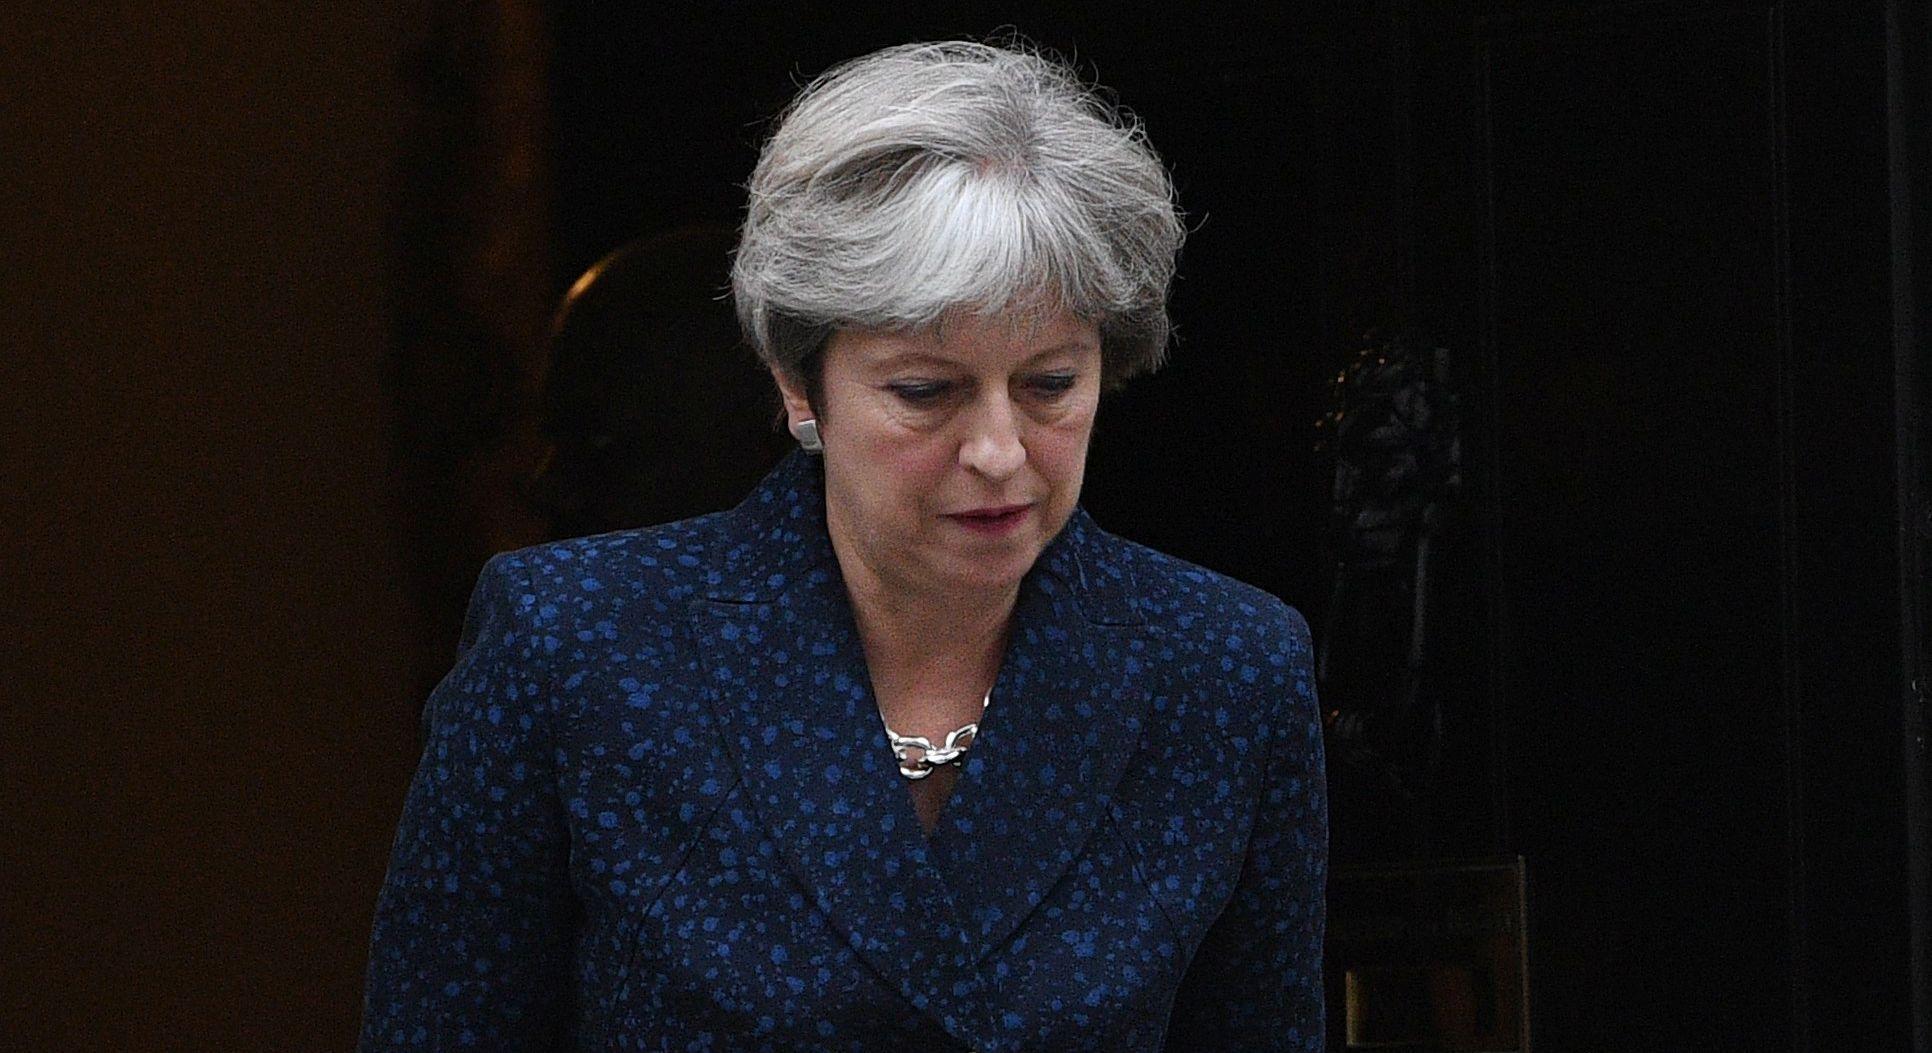 London traži sastanak Vijeća sigurnosti nakon optužnica za napad novičokom